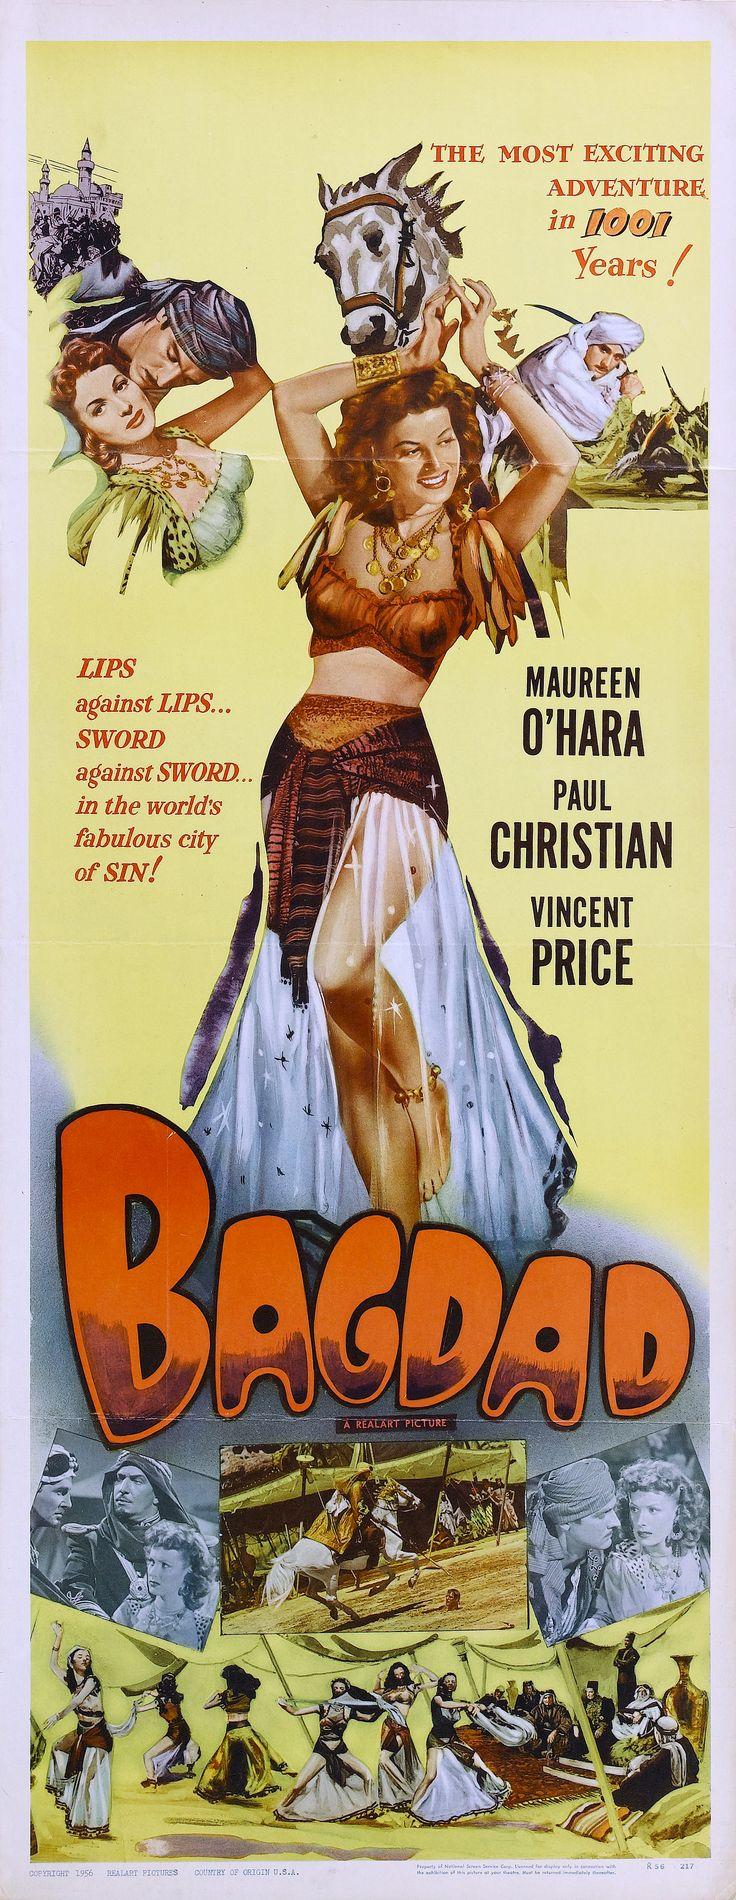 Bagdad 1949 maureen #ohara: